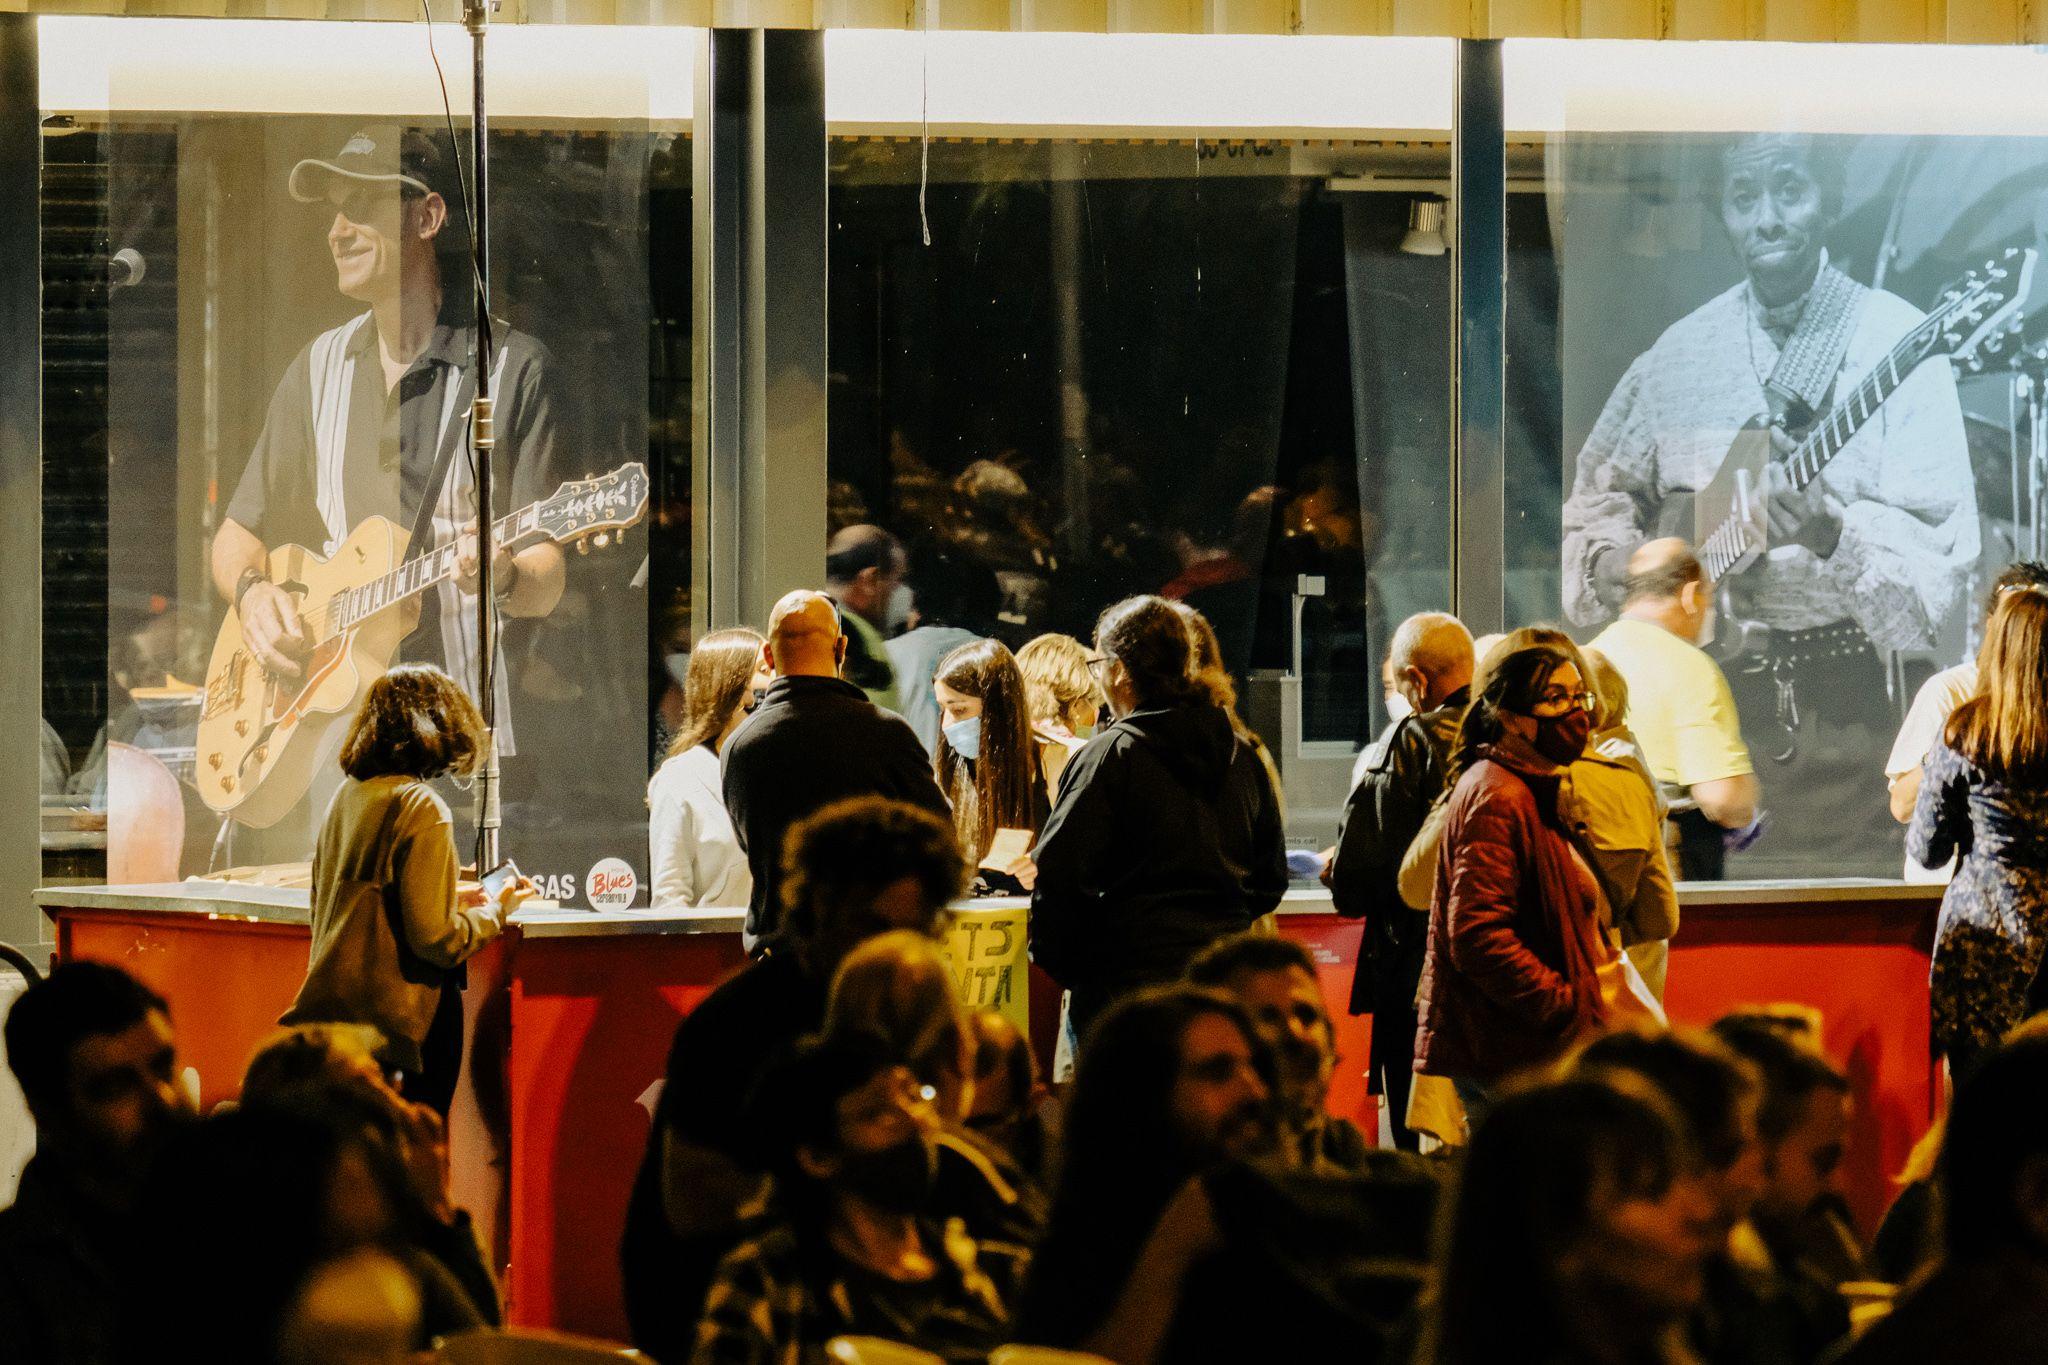 Barra per demanar consumicions la nit de tapes i blues al Mercat de Les Fontetes. FOTO, Ale Gómez